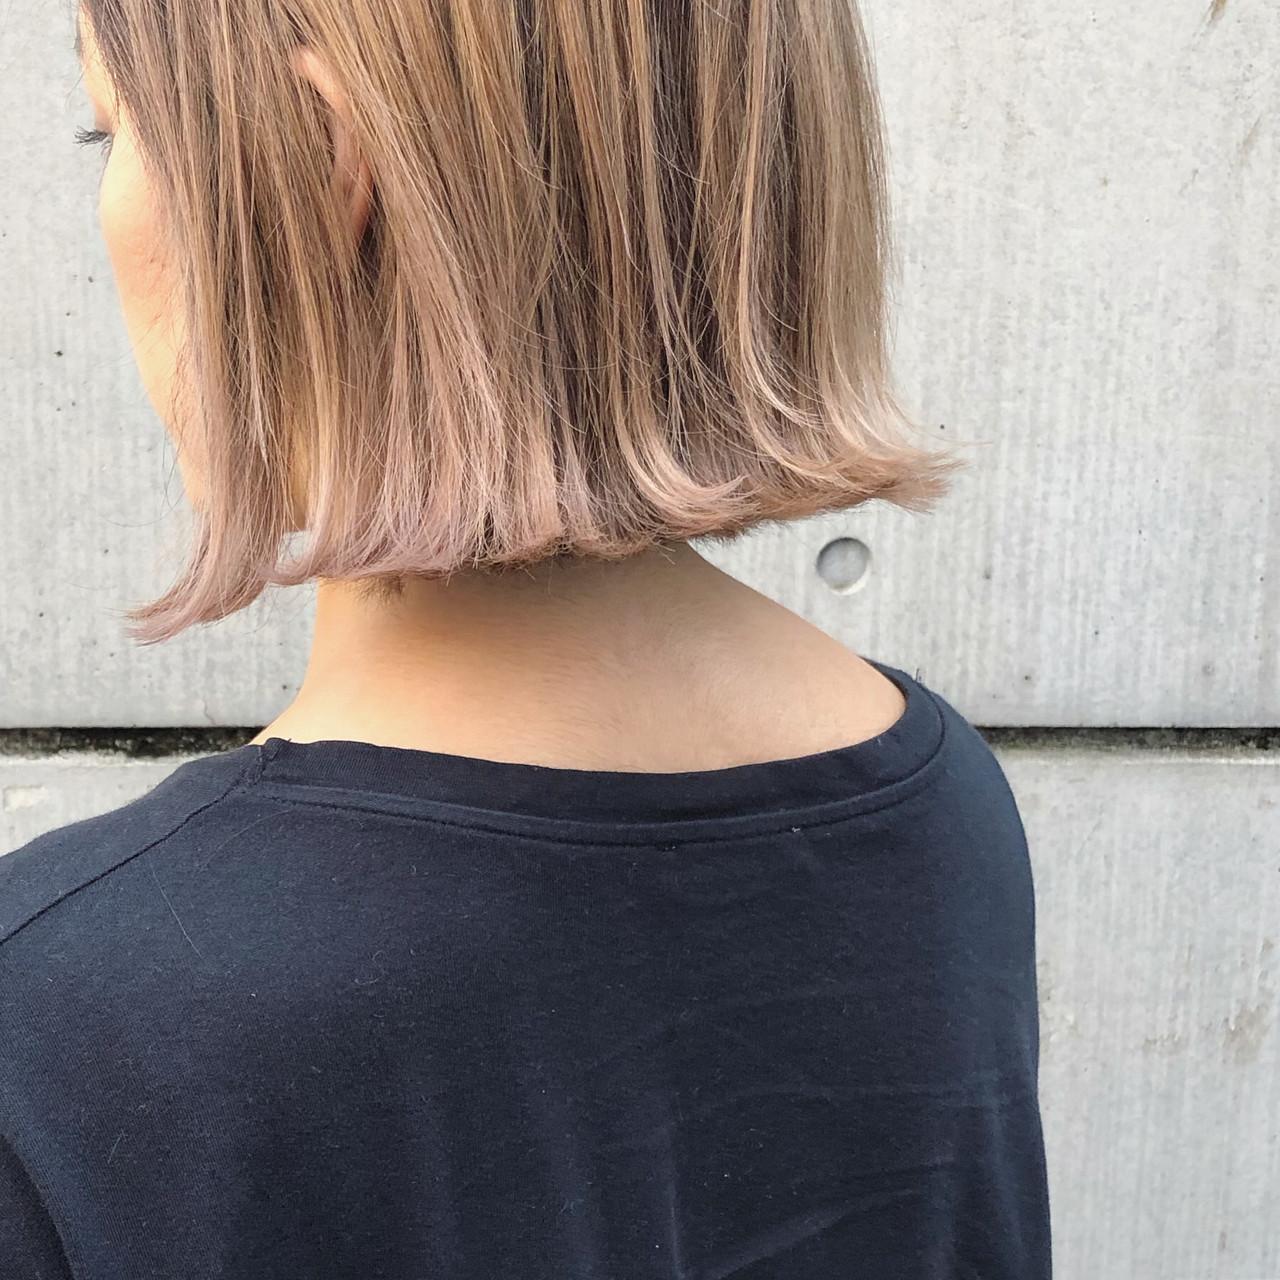 ダブルカラー ミニボブ インナーカラー 切りっぱなしボブ ヘアスタイルや髪型の写真・画像